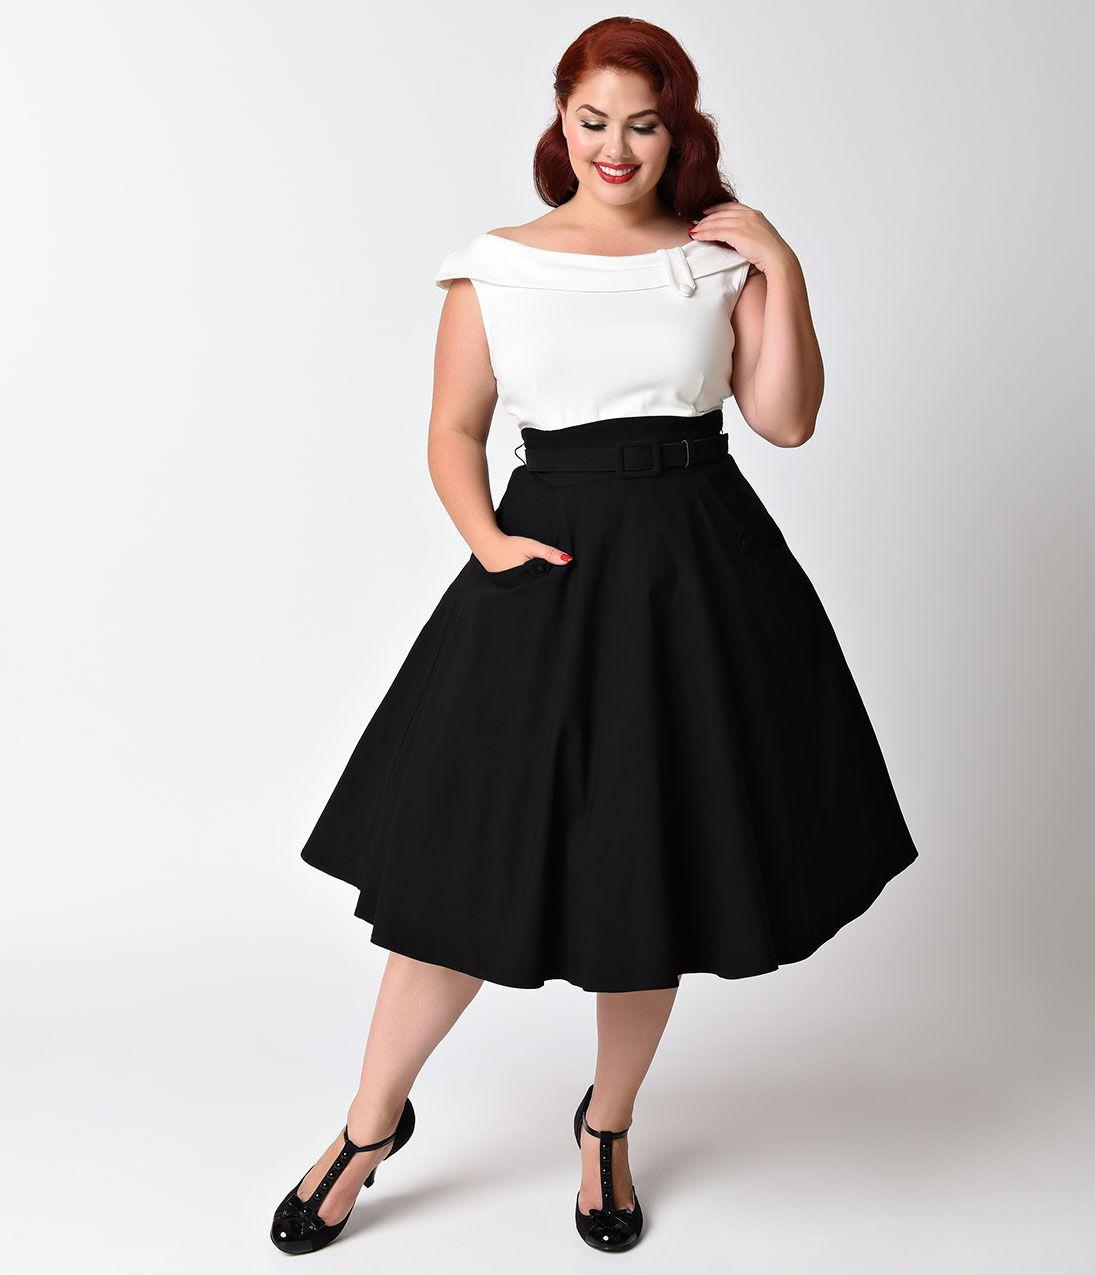 black white plus size dress images - dresses design ideas